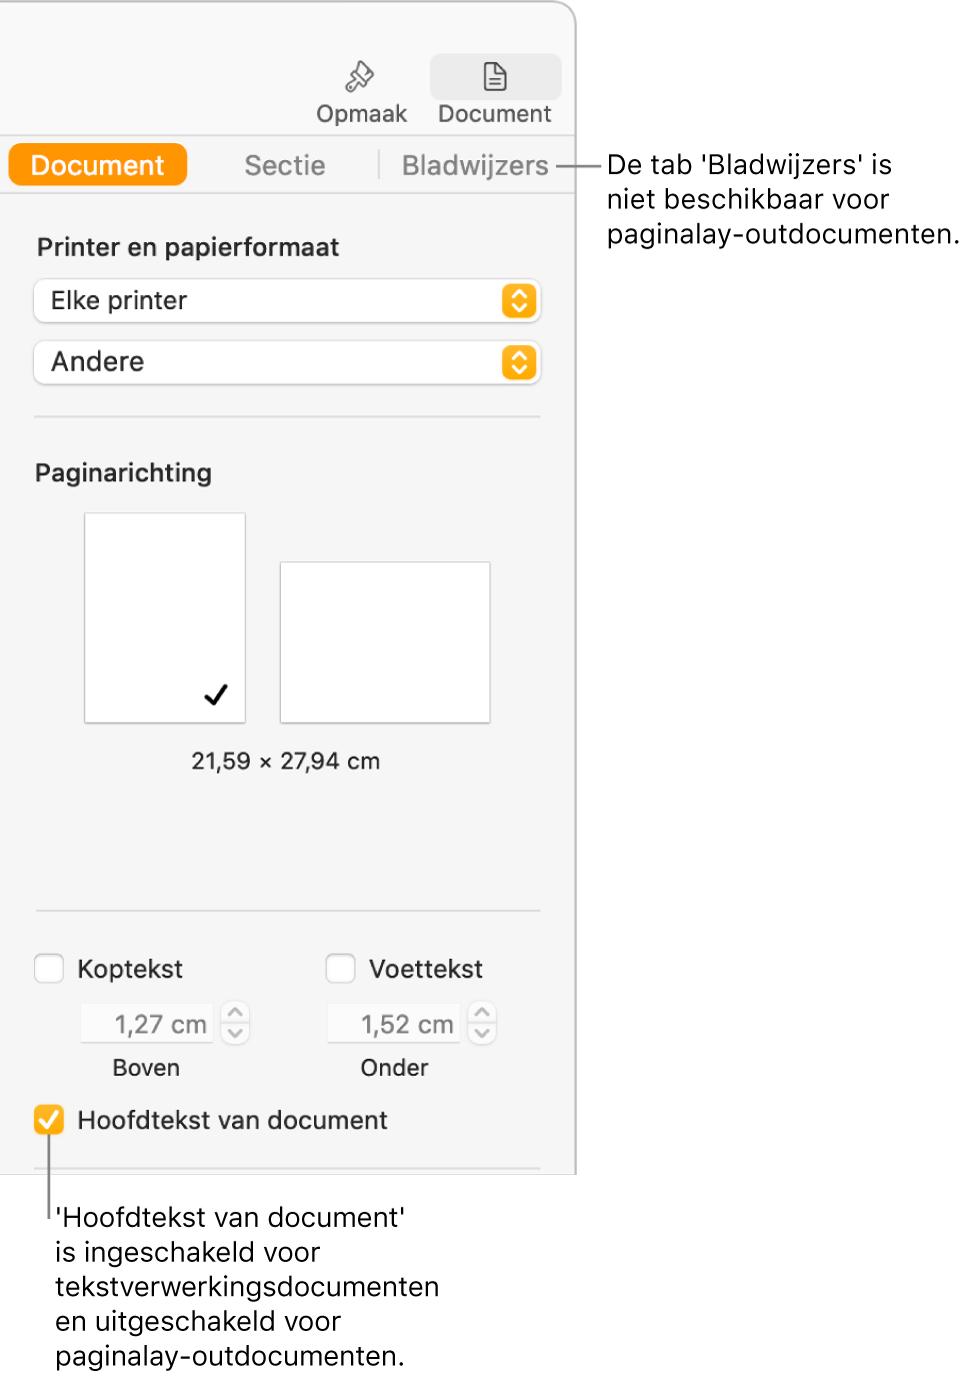 De navigatiekolom 'Opmaak' met bovenaan de tabs 'Document', 'Sectie' en 'Bladwijzers'. De tab 'Document' is geselecteerd en in het bijschrift bij de tab 'Bladwijzers' staat dat deze tab niet beschikbaar is voor paginalay-outdocumenten. Het aankruisvak 'Hoofdtekst van document' is ingeschakeld, wat ook aangeeft dat het document een tekstverwerkingsdocument is.